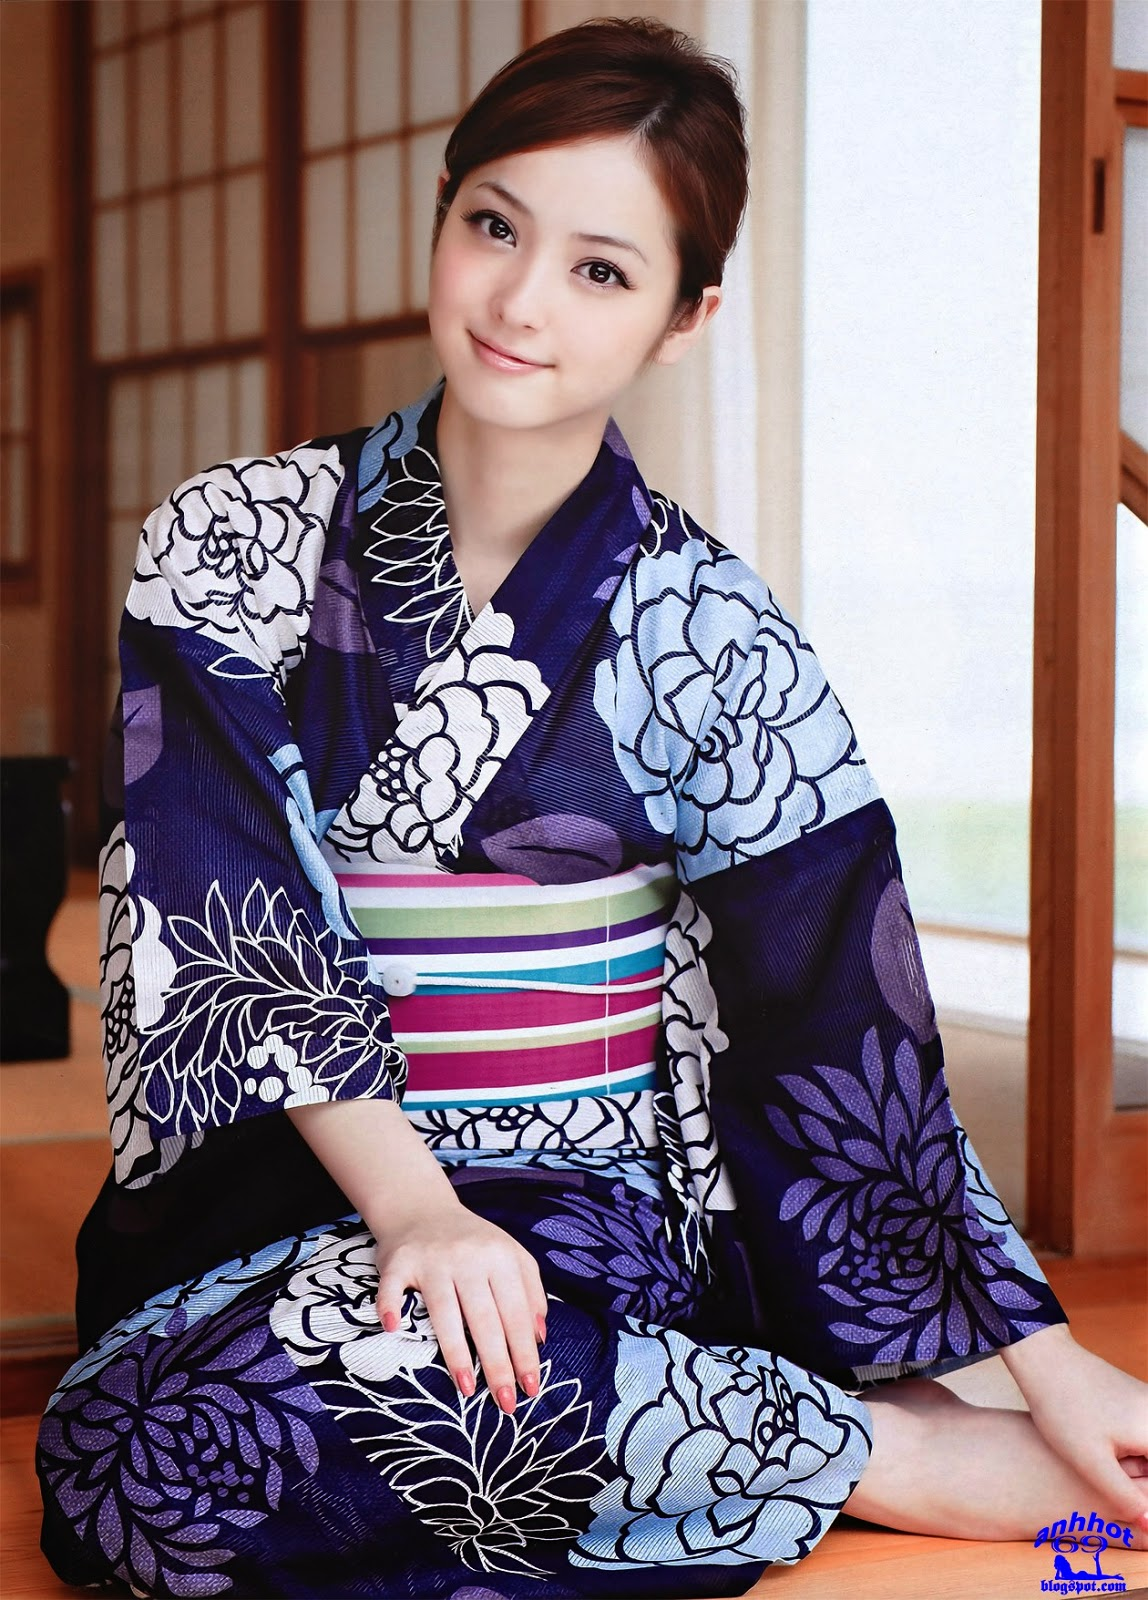 nozomi-sasaki-01291070